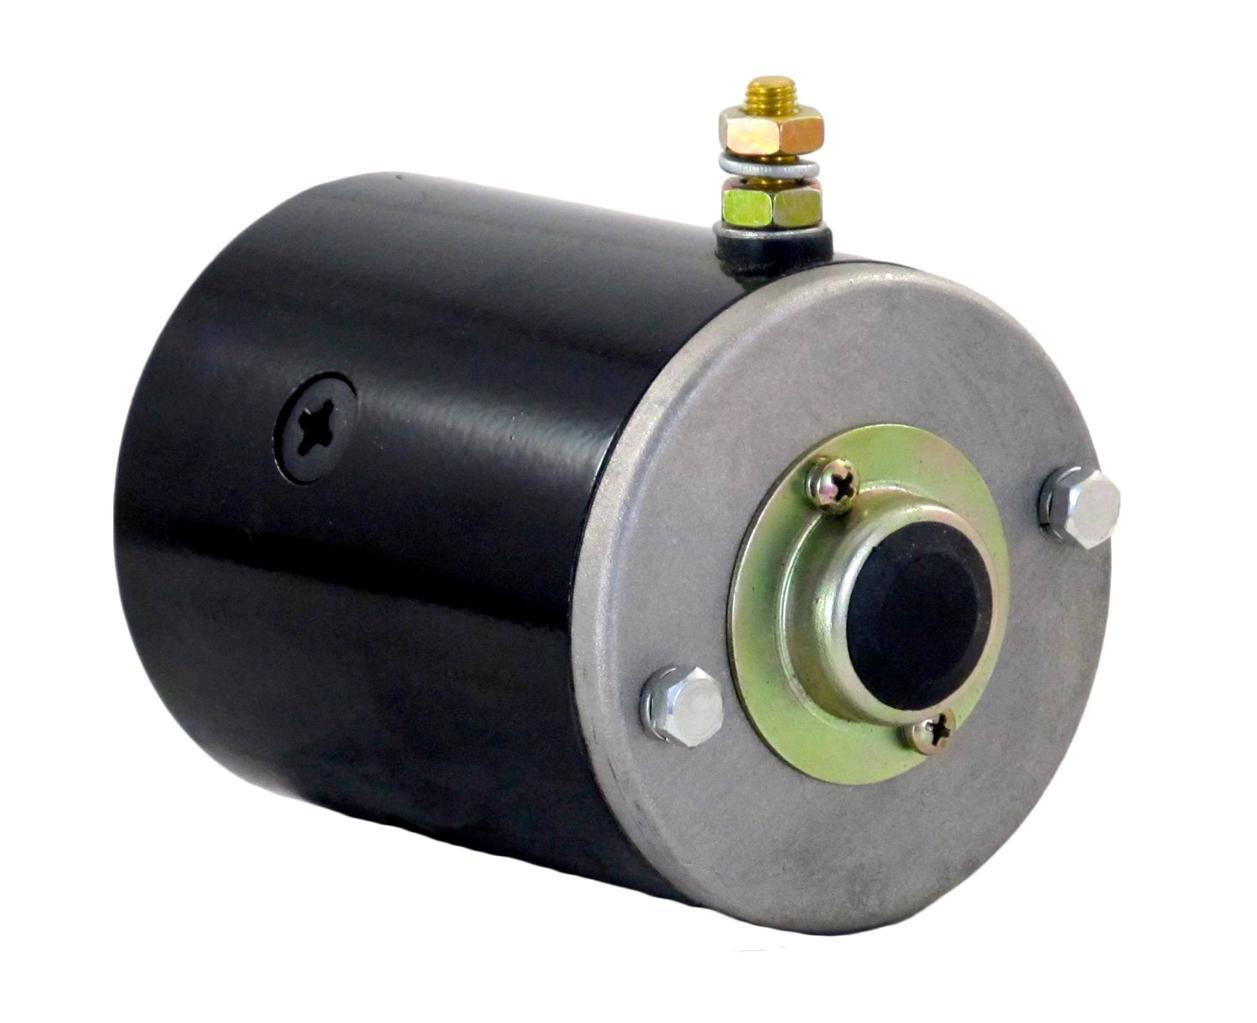 New pump motor mte hydraulics amf4633 im0024 39200428 for Hydraulic pump with motor